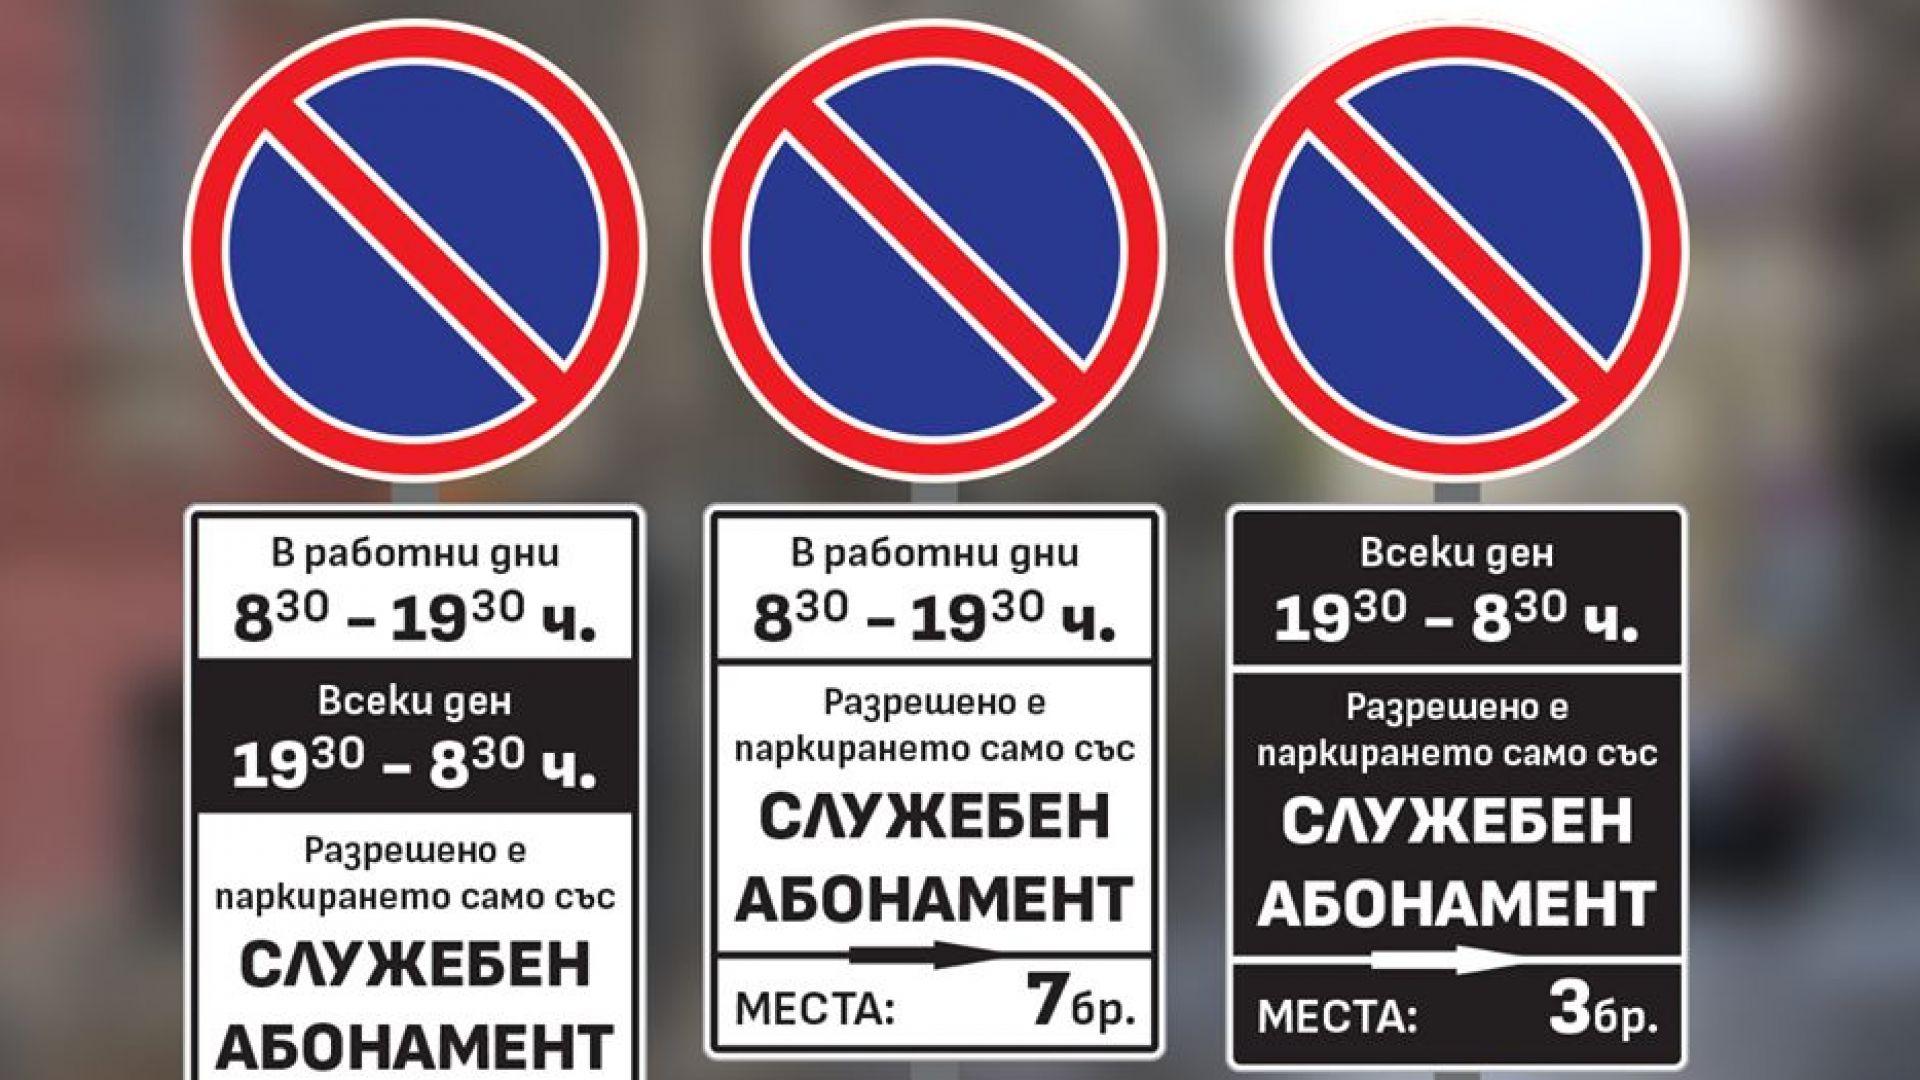 Румяна Милова поема столичния Център за градска мобилност